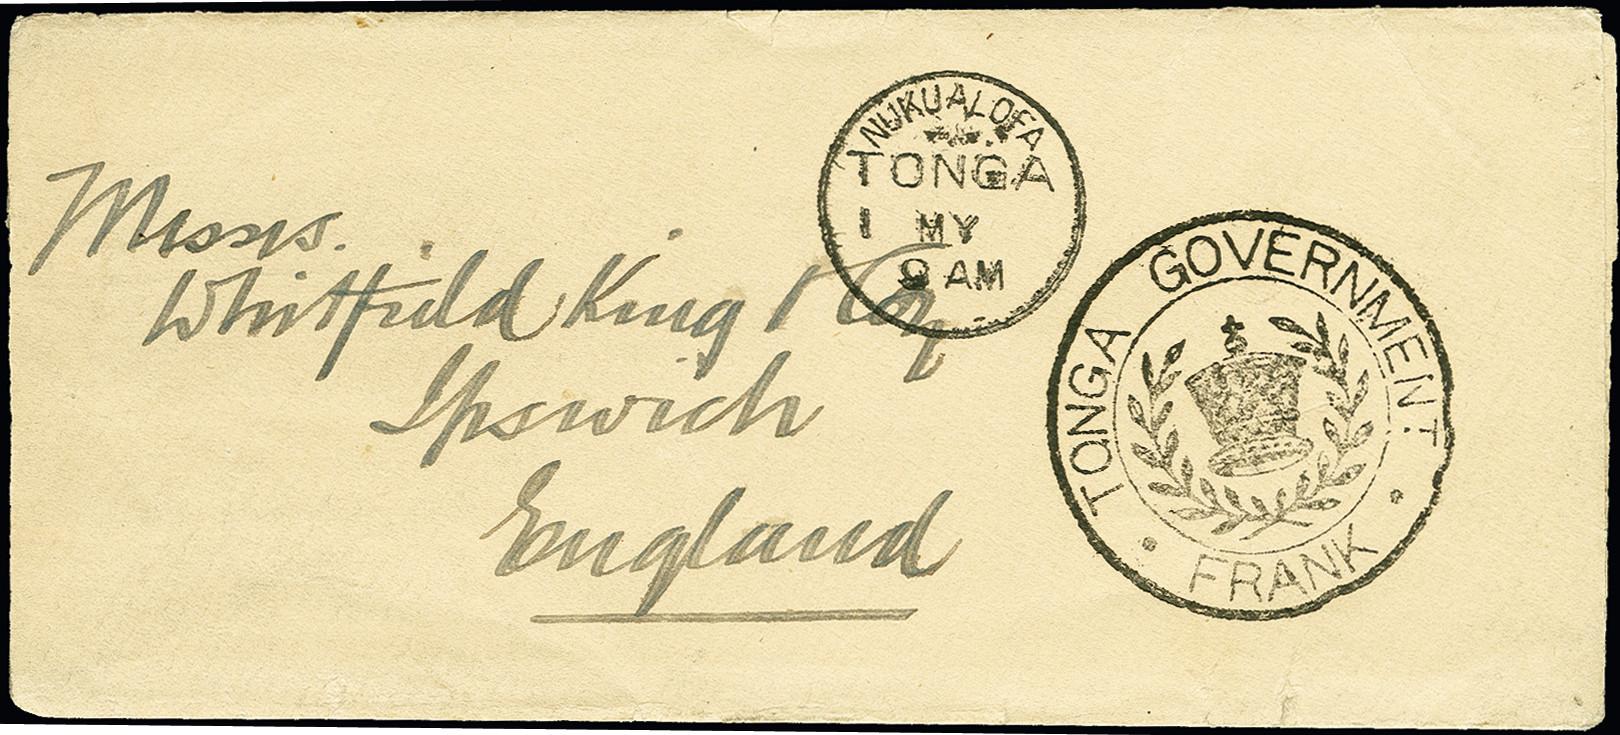 Lot 2089 - Britisch Commonwealth tonga -  Heinrich Koehler Auktionen 375rd Heinrich Köhler auction - Day 1